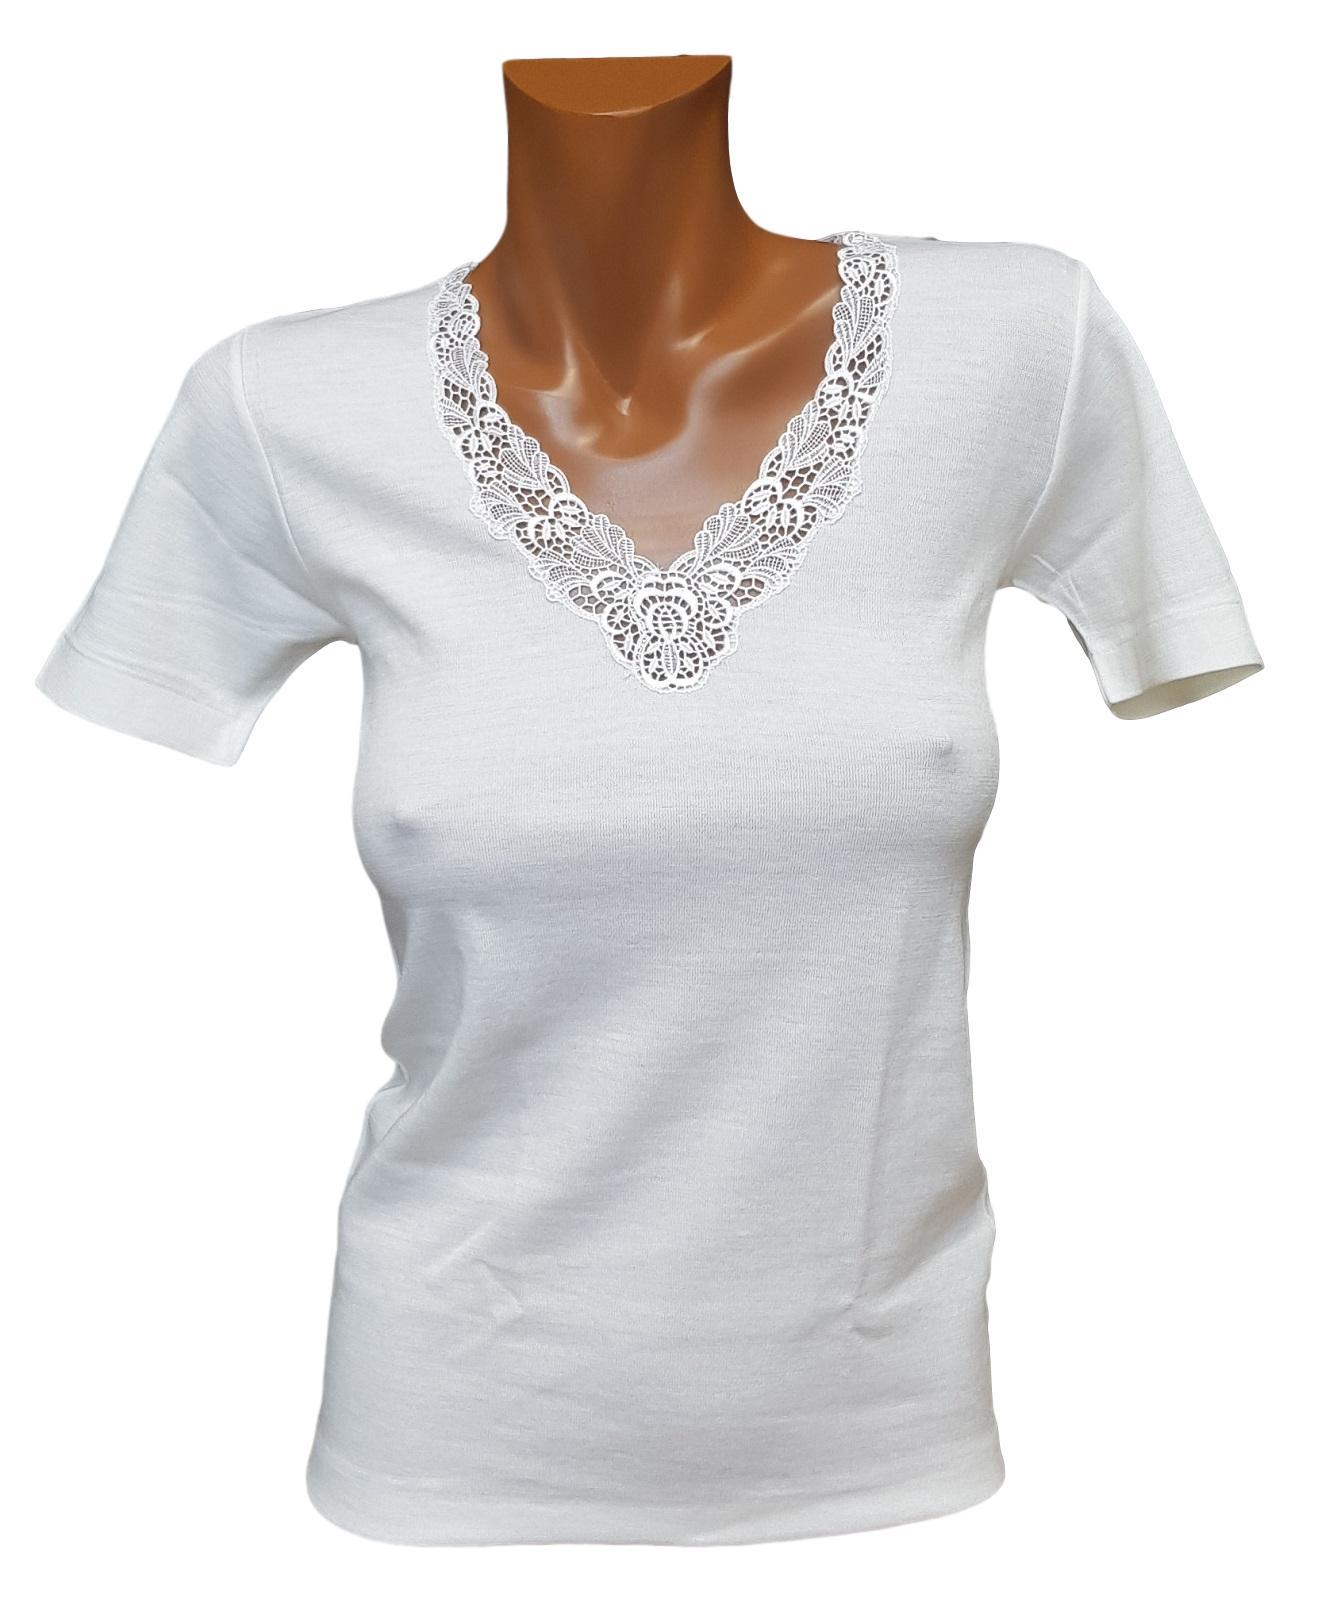 T-Shirt donna, maglietta a mezza manica Lana e Cotone sulla pelle MANUFAT 844